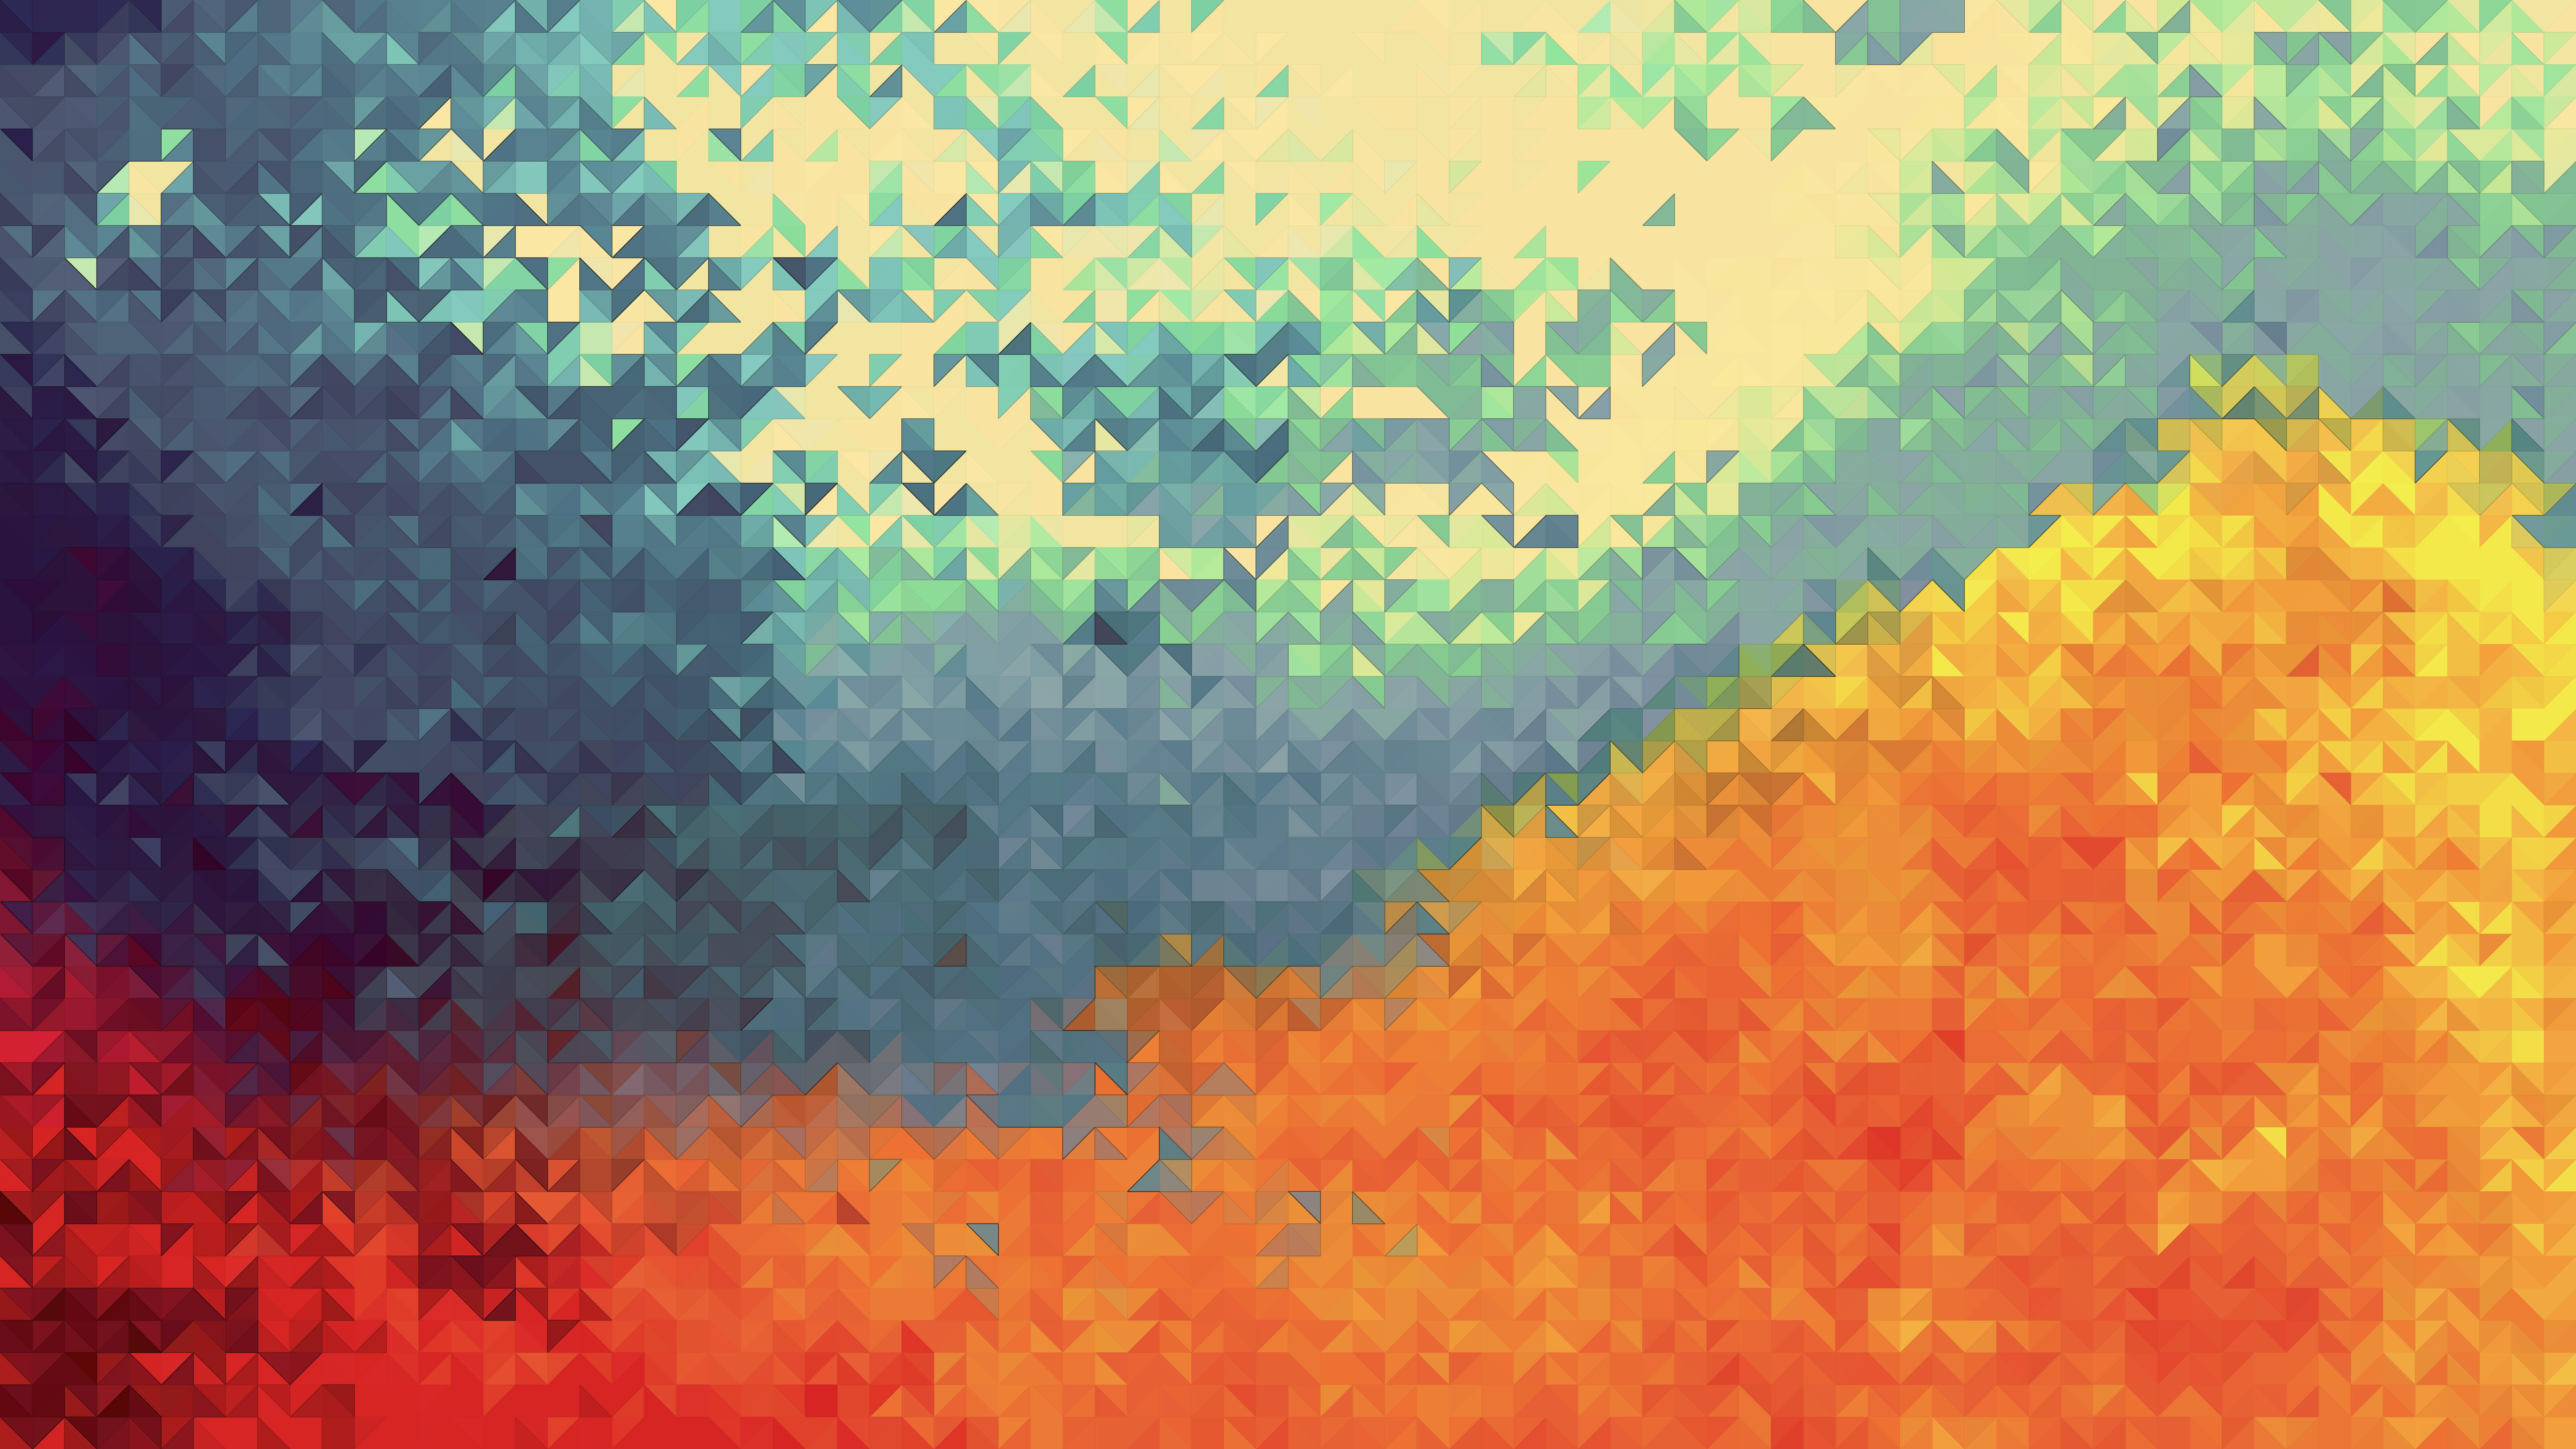 Download 1000+ Wallpaper Es Abstrak HD Paling Baru